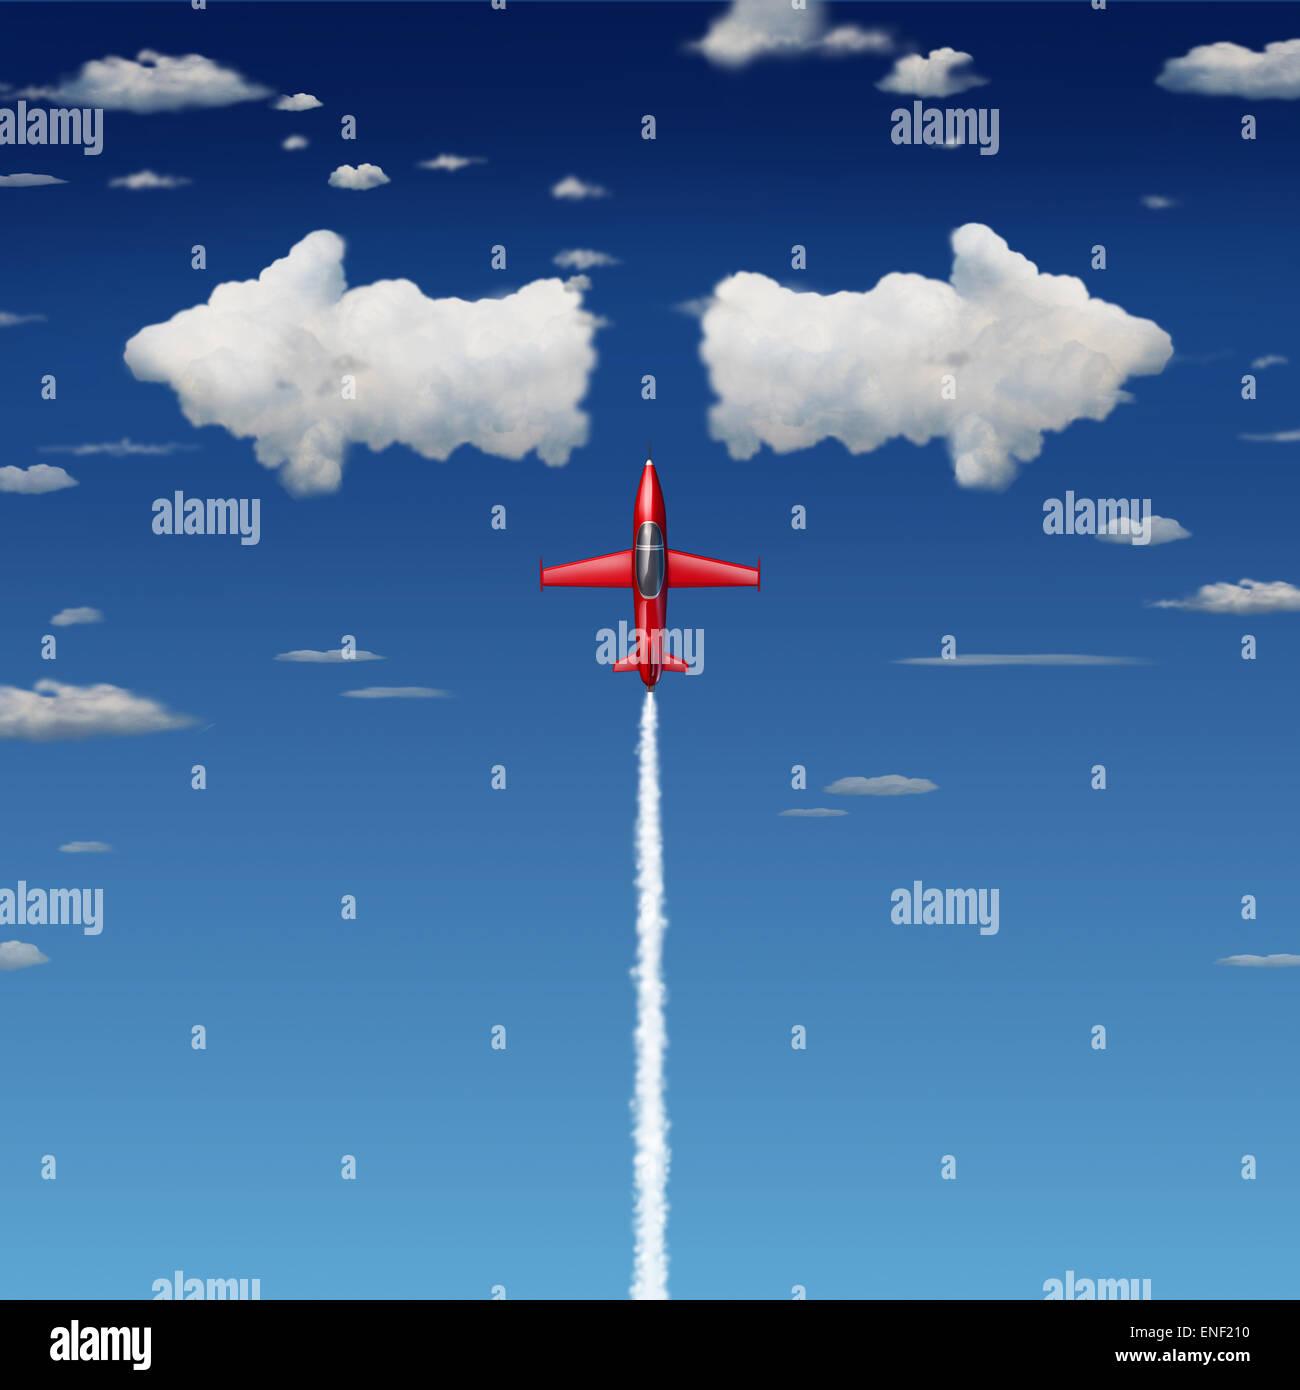 Entscheidungsfindung Geschäftskonzept als eine akrobatische Düsenflugzeug zufliegen Wolken als Pfeile Stockbild